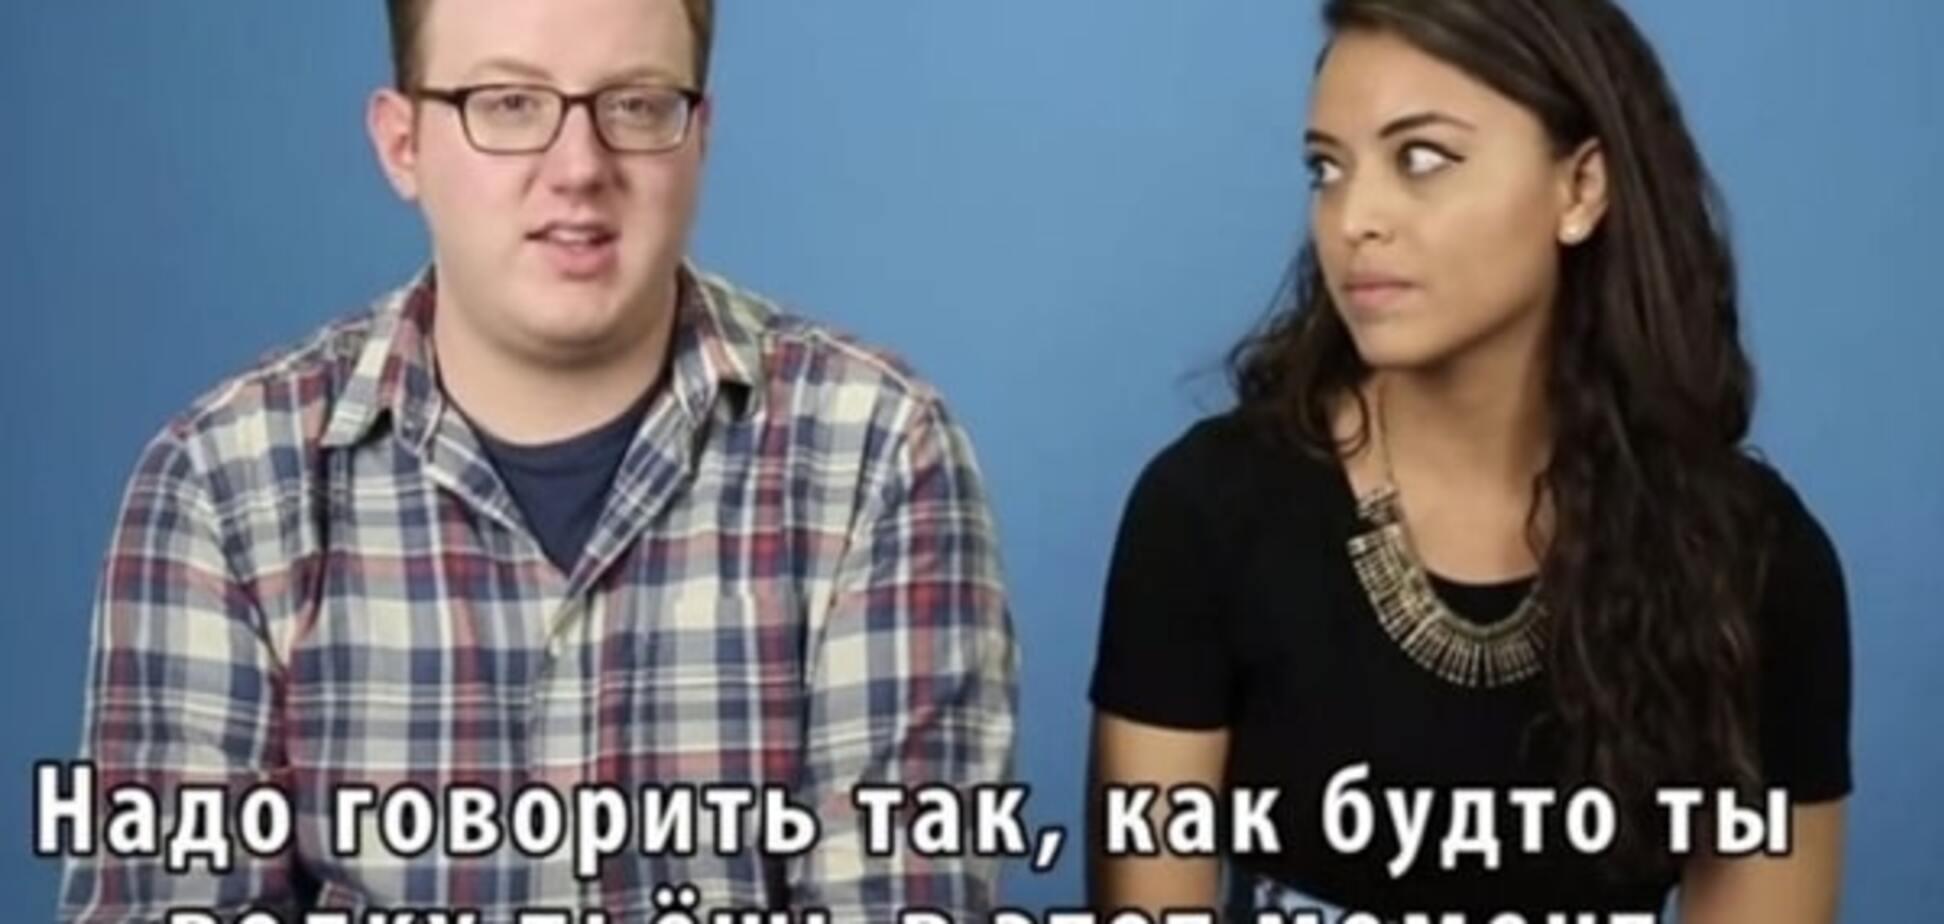 'Надо говорить, будто водку пьешь': сеть взорвали американцы, заговорившие по-русски. Видеофакт